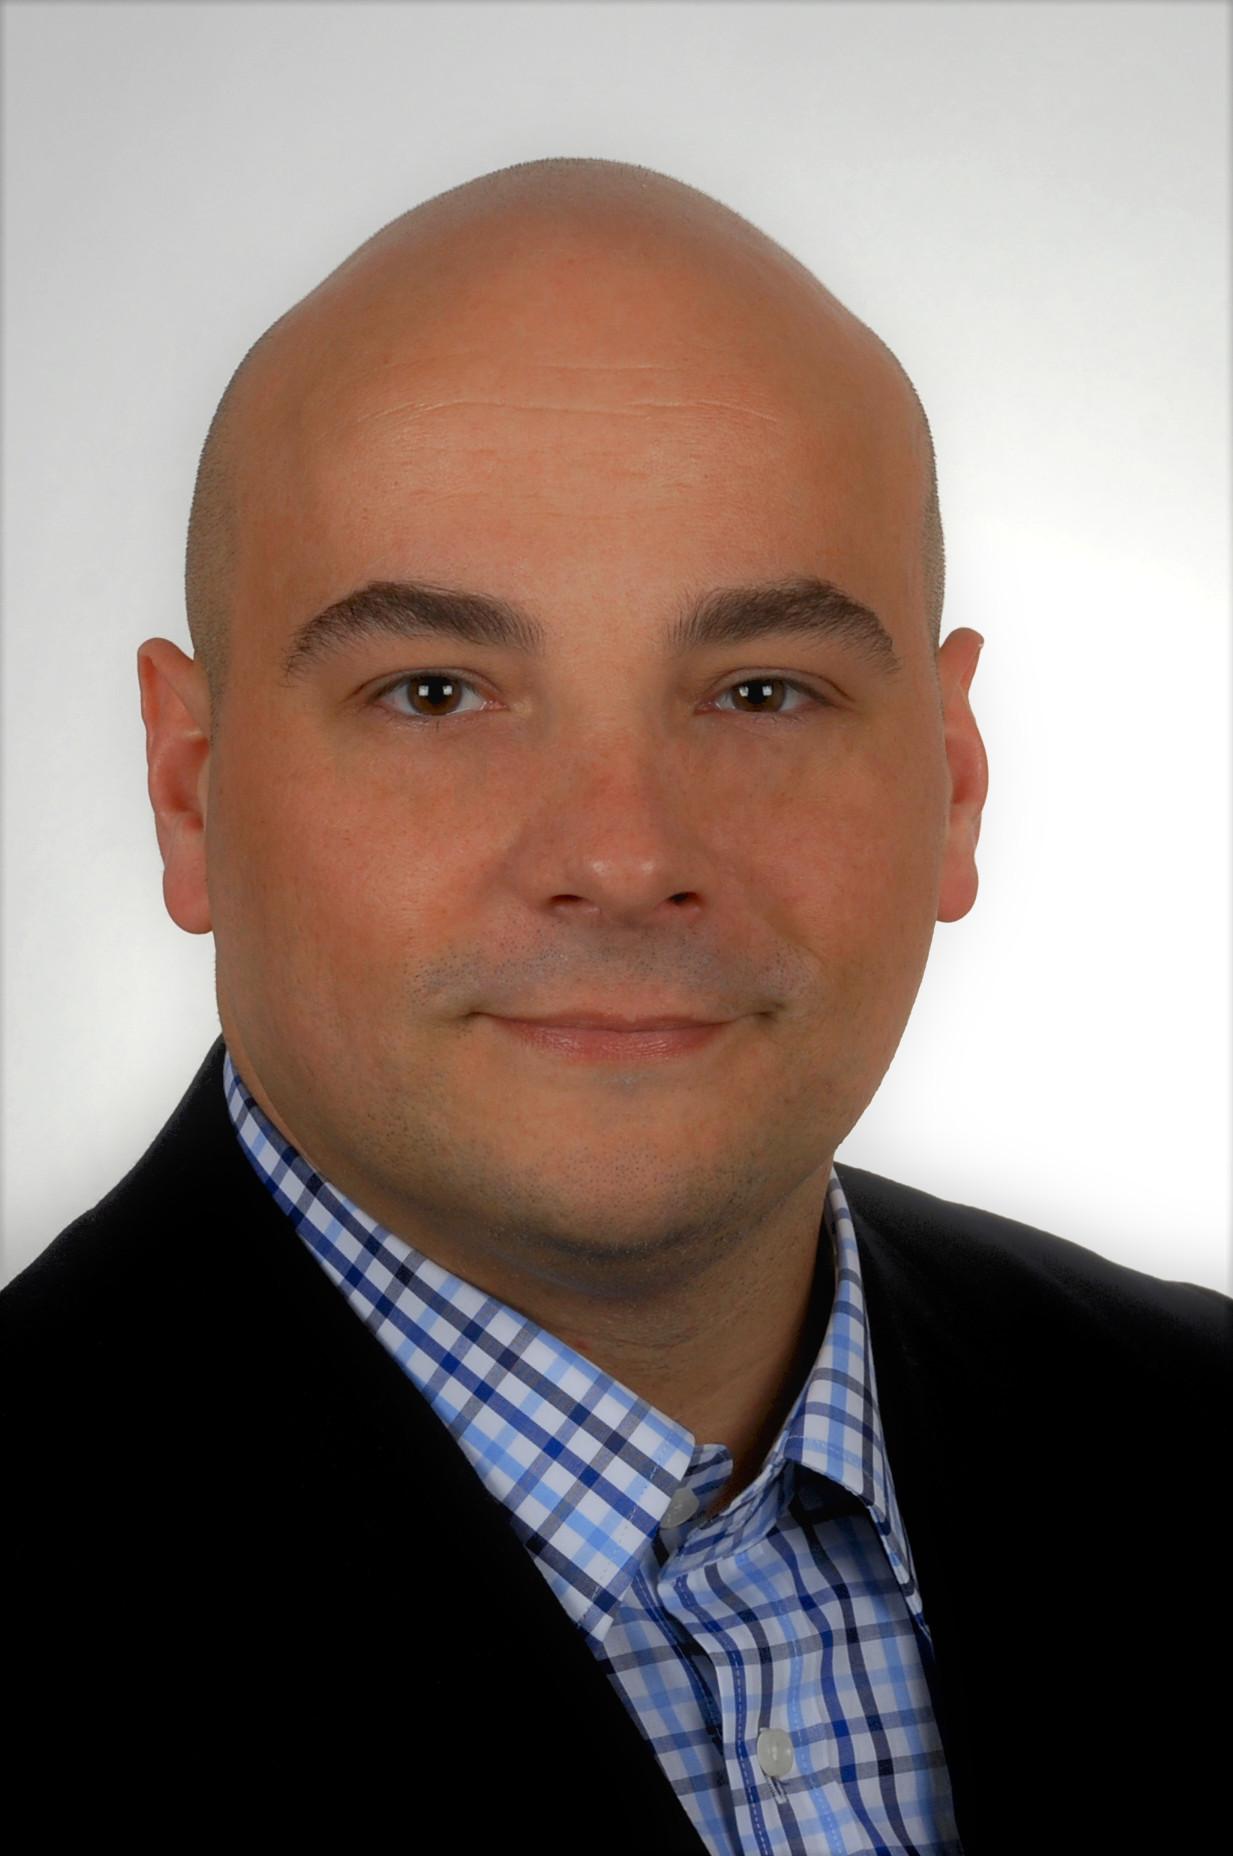 Murat Akguen hetras director of development